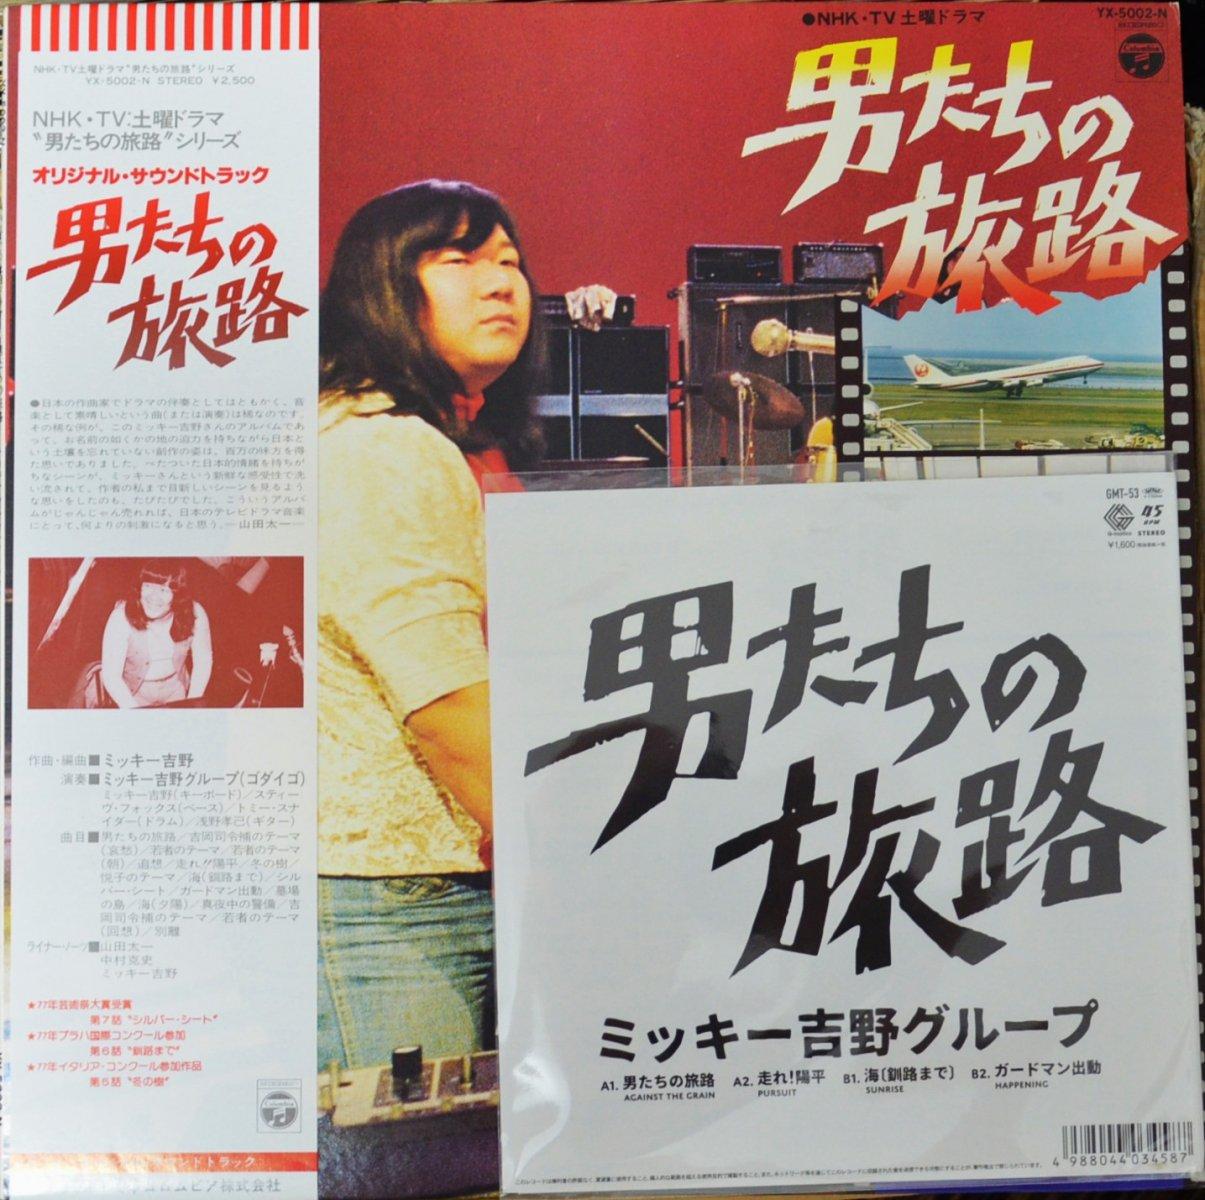 O.S.T. (ミッキー吉野グループ) / 男たちの旅路 (NHK・TV土曜ドラマ) (7